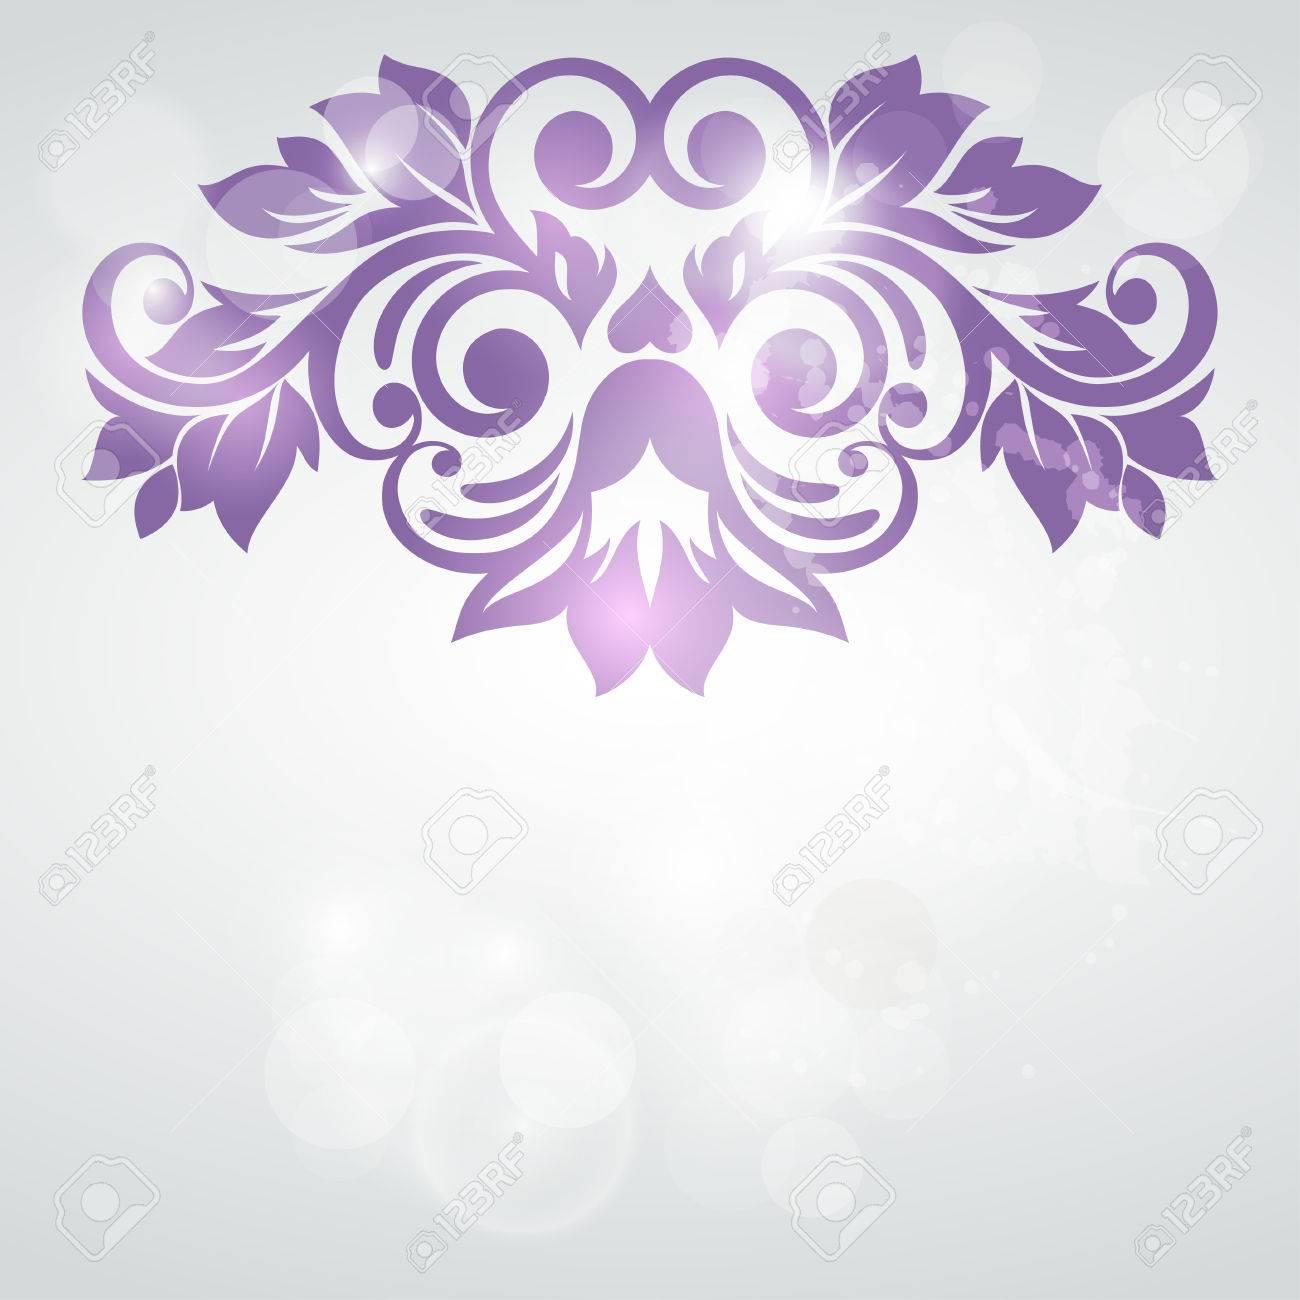 Floral Background Carte De Mariage Ou Une Invitation Avec Le Modle D Lgance Flore Fond Abstrait Voeux Des Fleurs Dans La Style